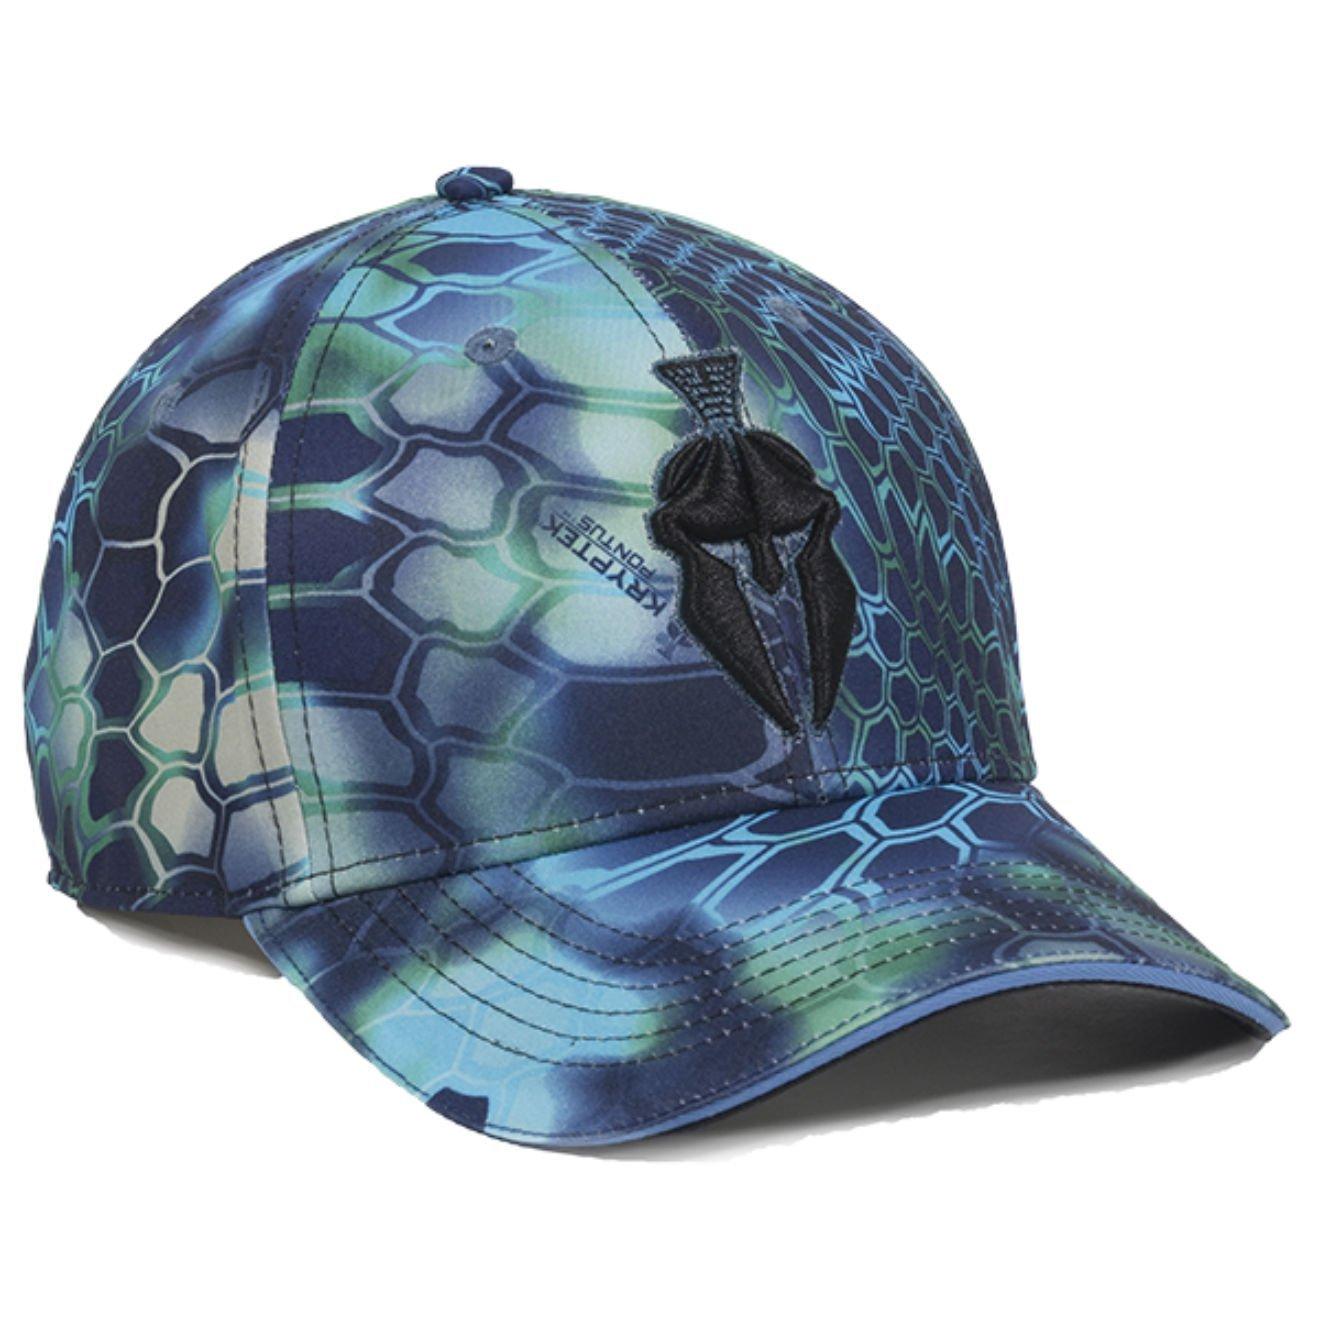 Kryptek Pontus Camo Helmet Hat / Cap by Kryptek